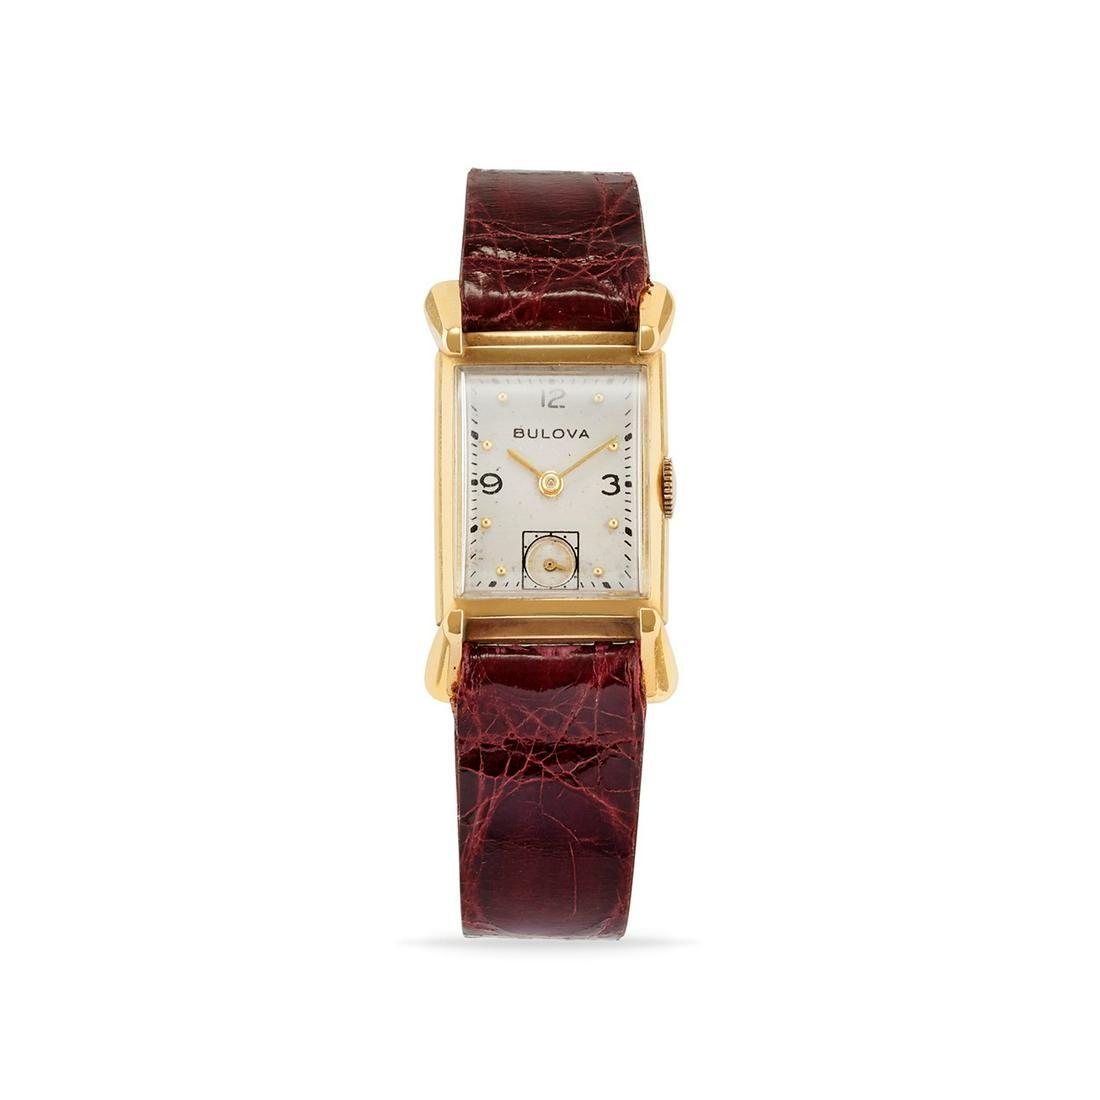 Bulova time-only, '60s